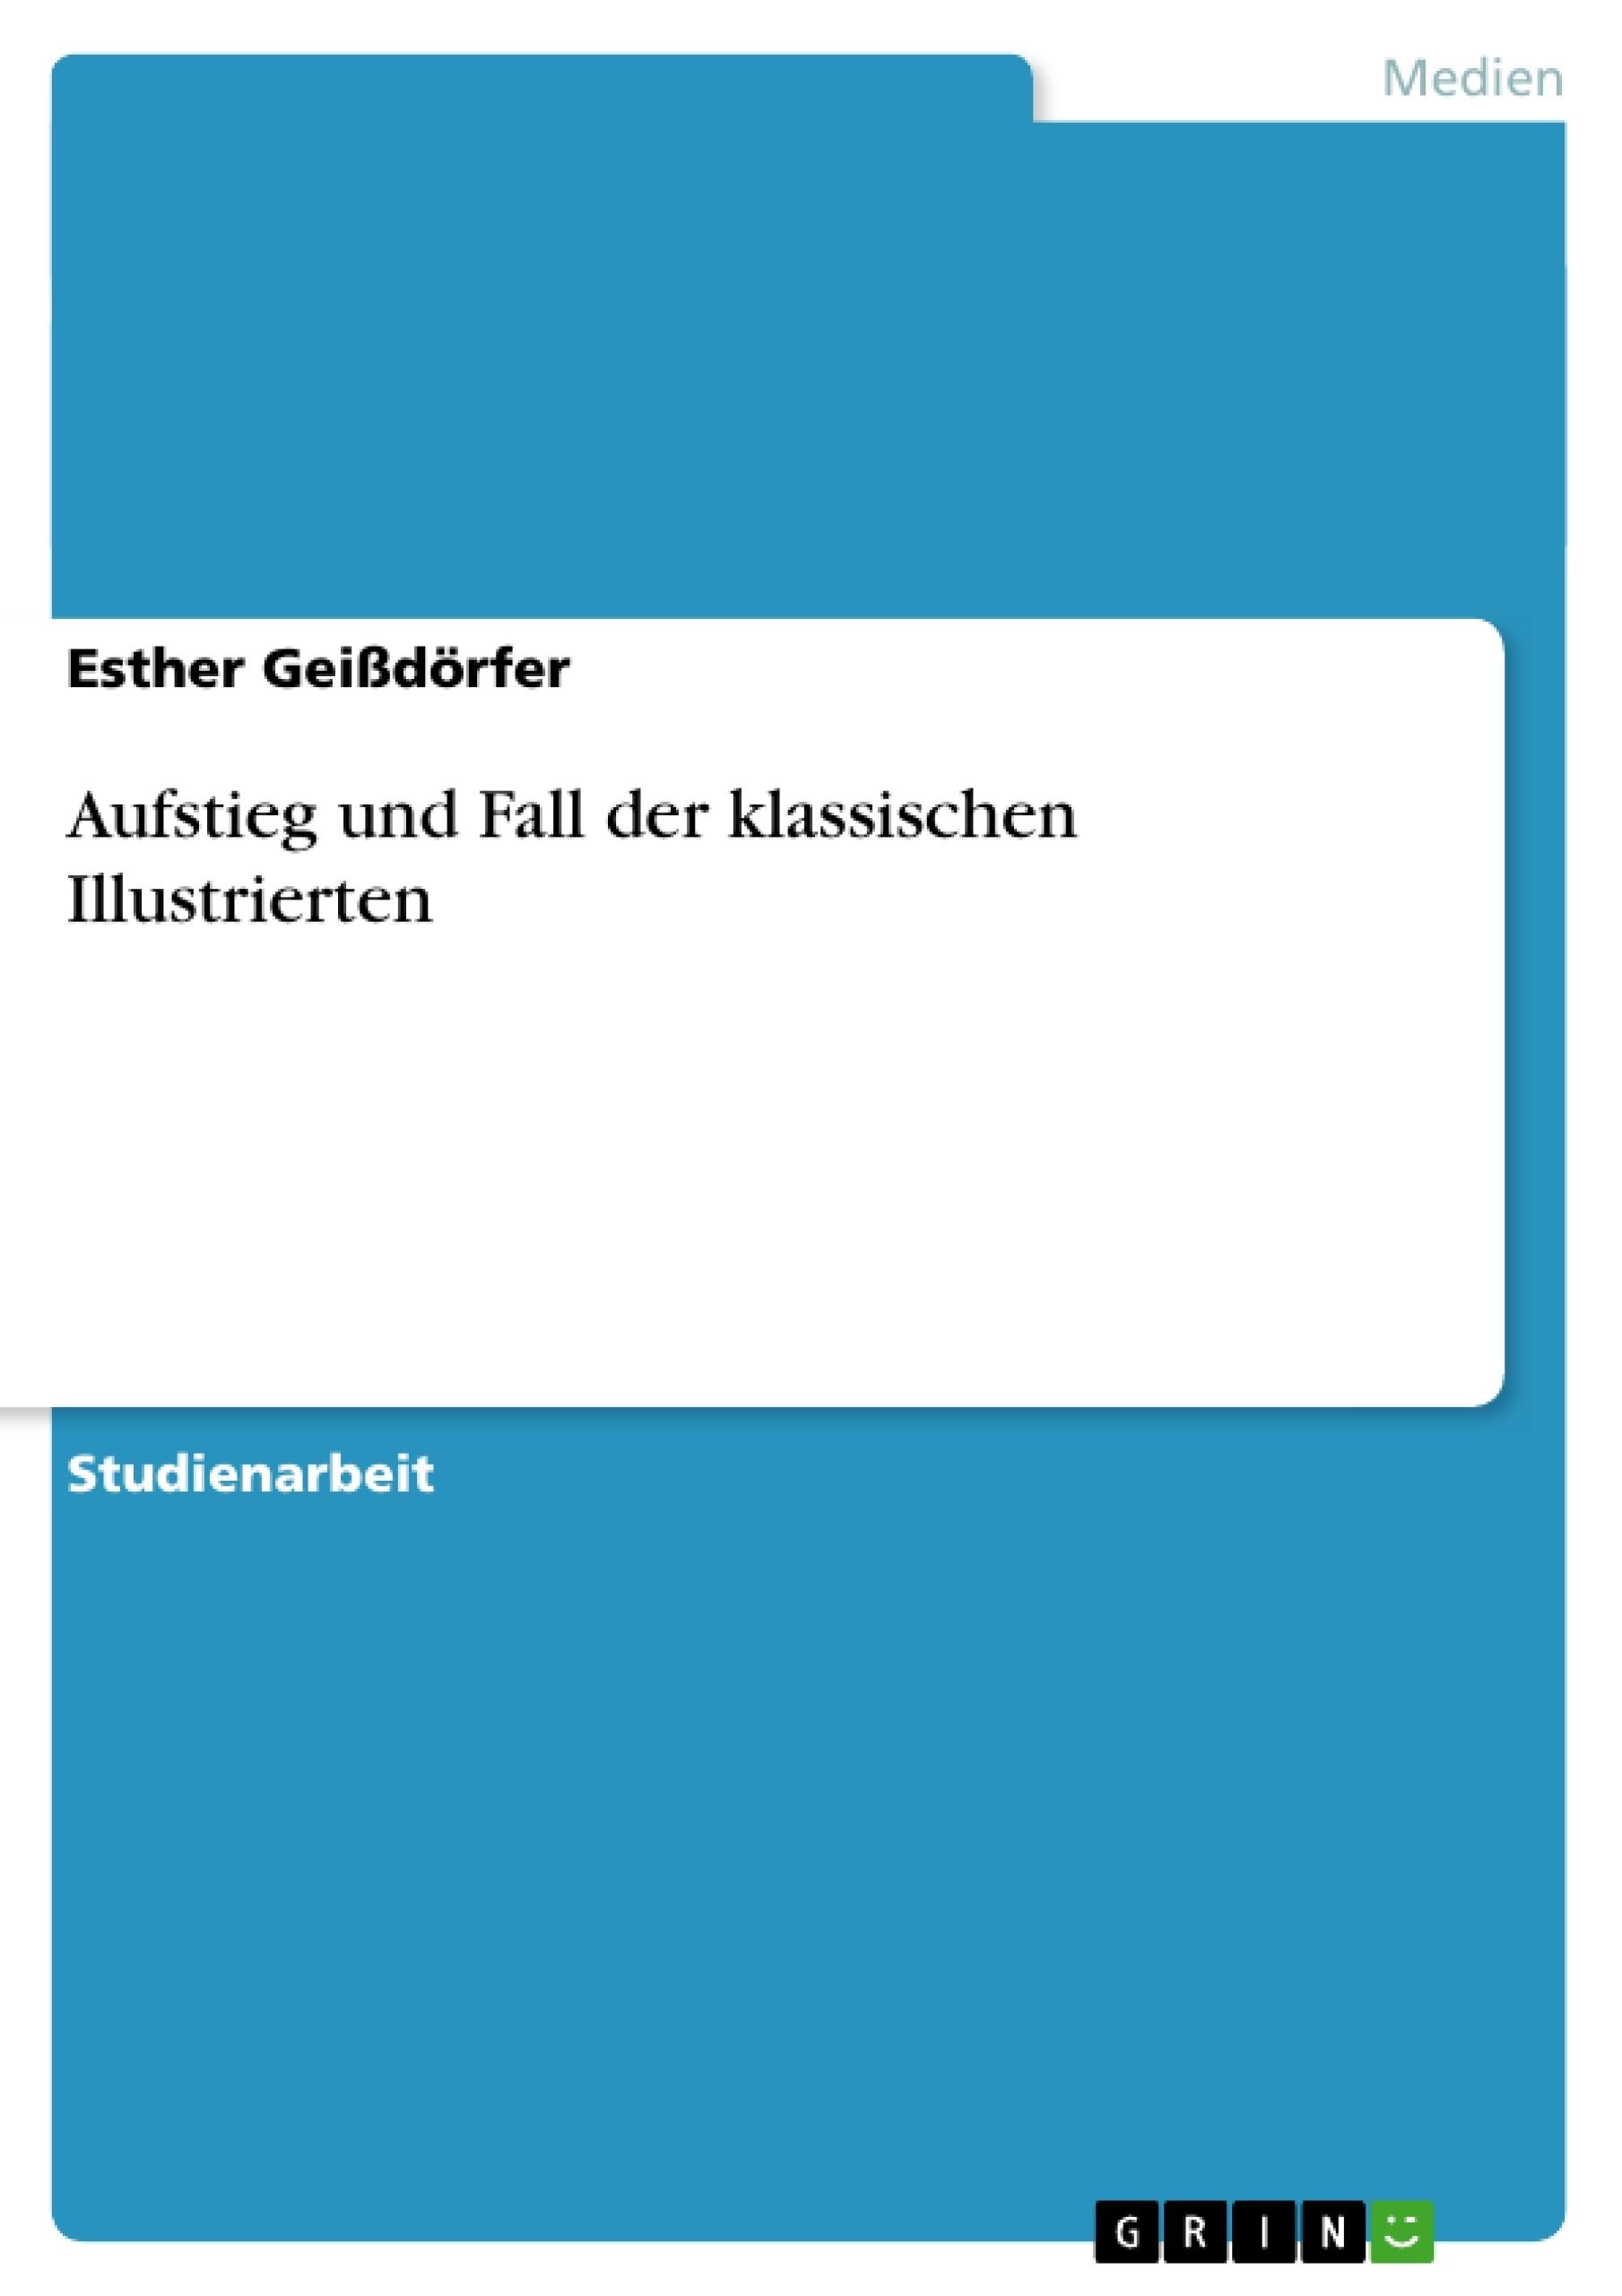 Titel: Aufstieg und Fall der klassischen Illustrierten